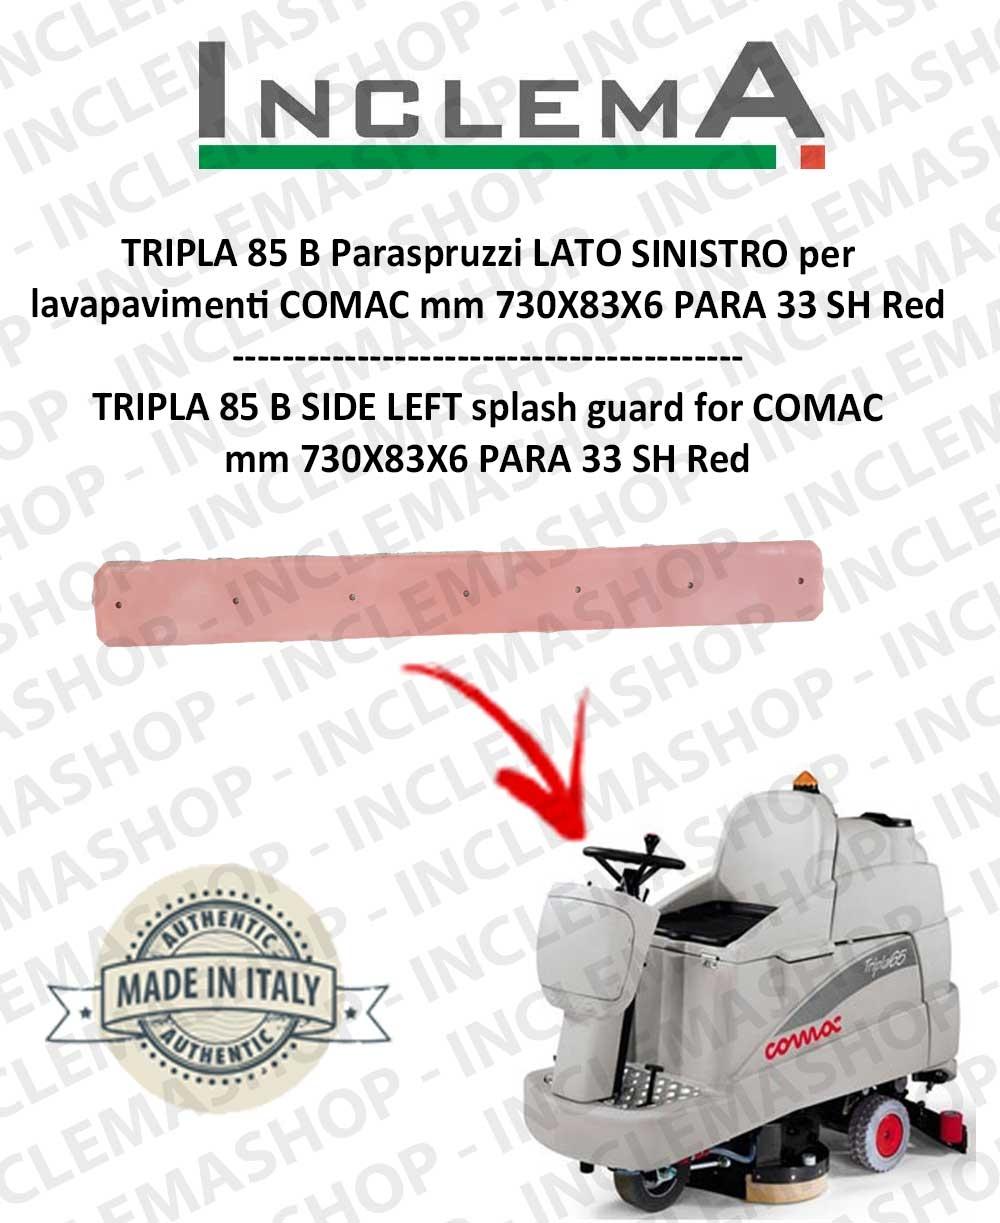 TRIPLA 85 B Paraspruzzi LATO SINISTRO per lavapavimenti COMAC